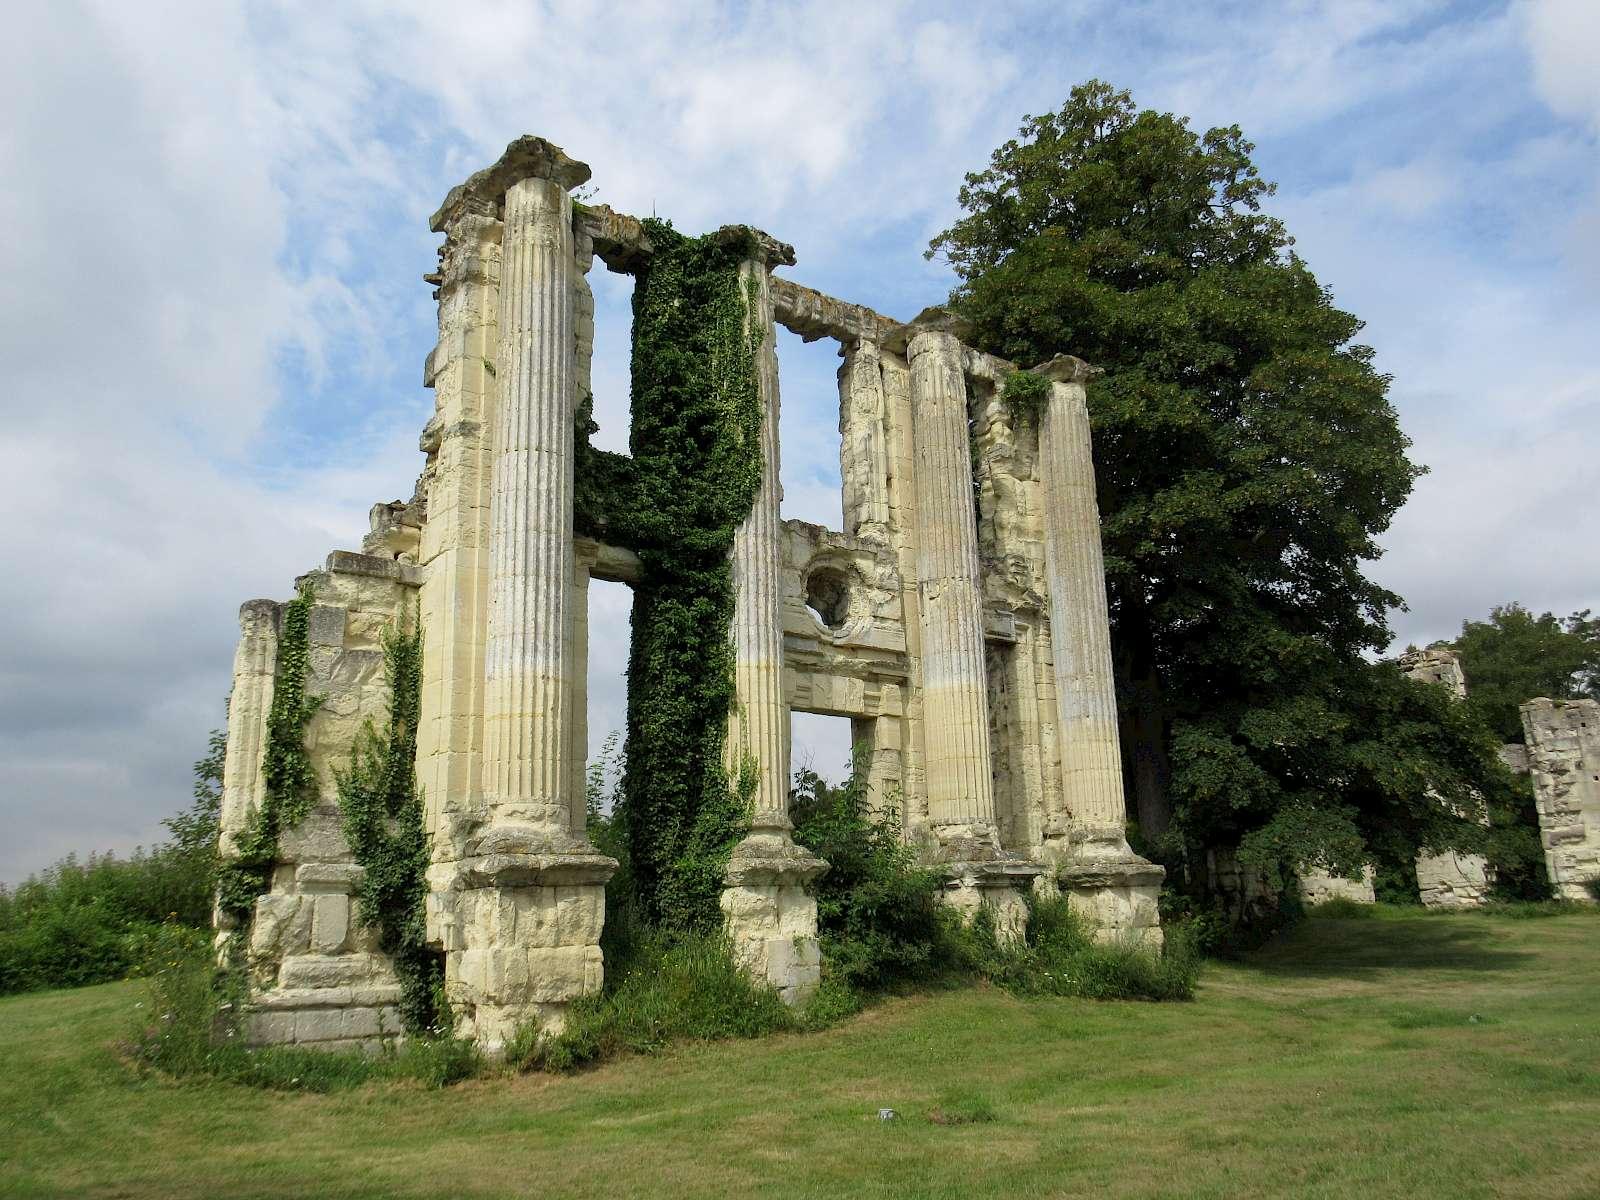 Monteceaux-le-s-meaux ruins